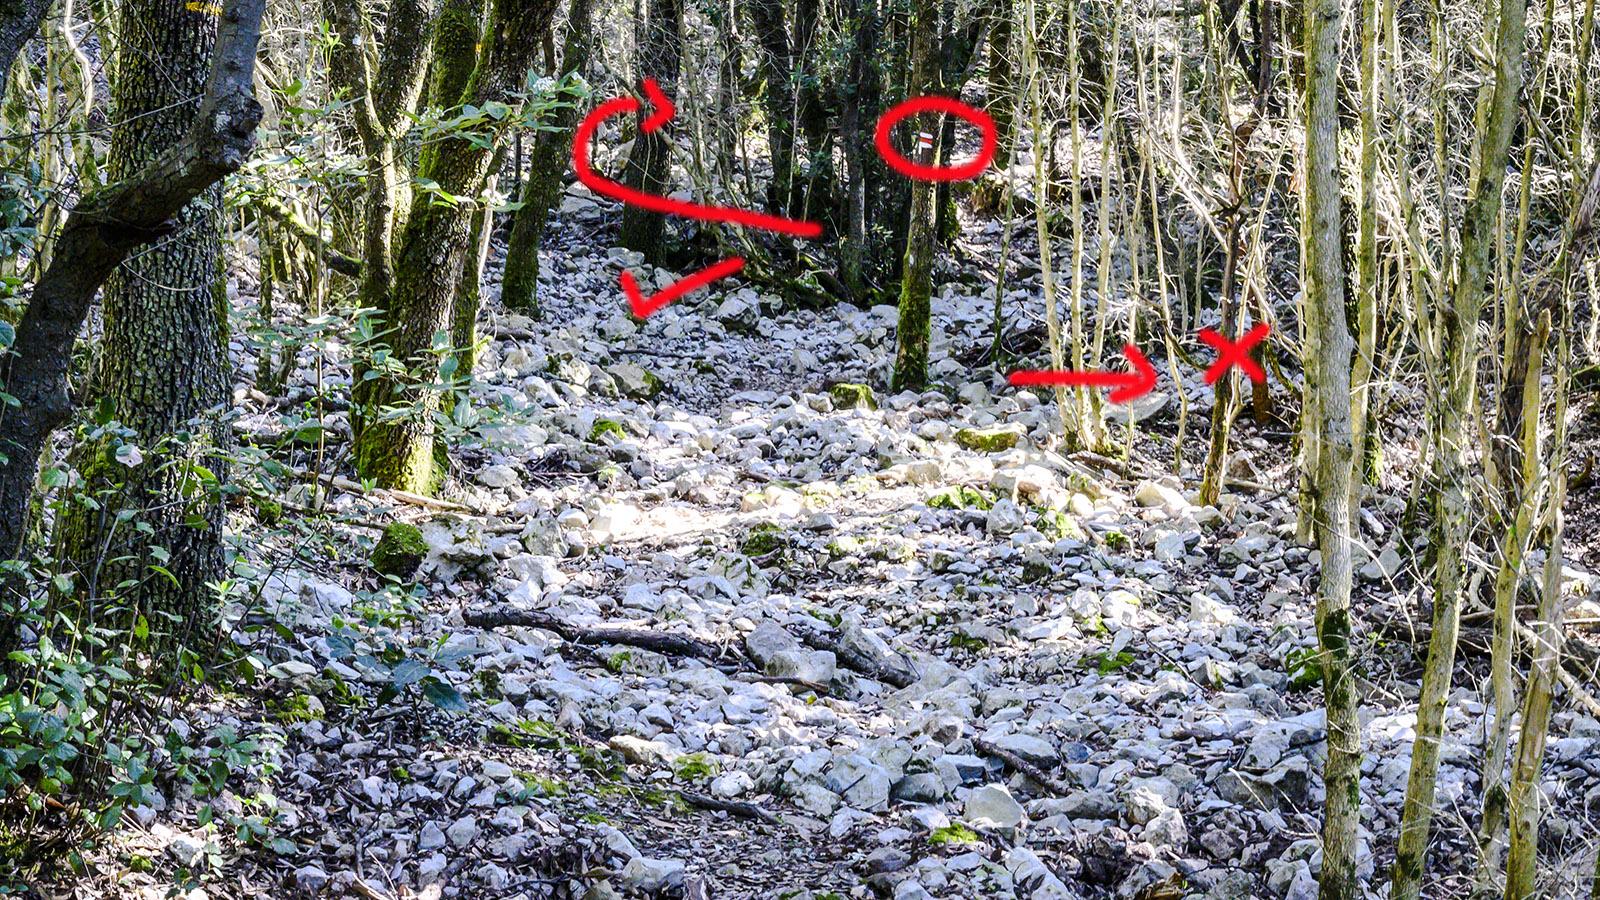 Hier nicht sofort nach rechts abzweigen, sondern erst noch rund einige Meter weiter hochgehen. bis ein deutlich erkennbarer Pfad nach rechts abzweigt! Foto: Hilke Maunder